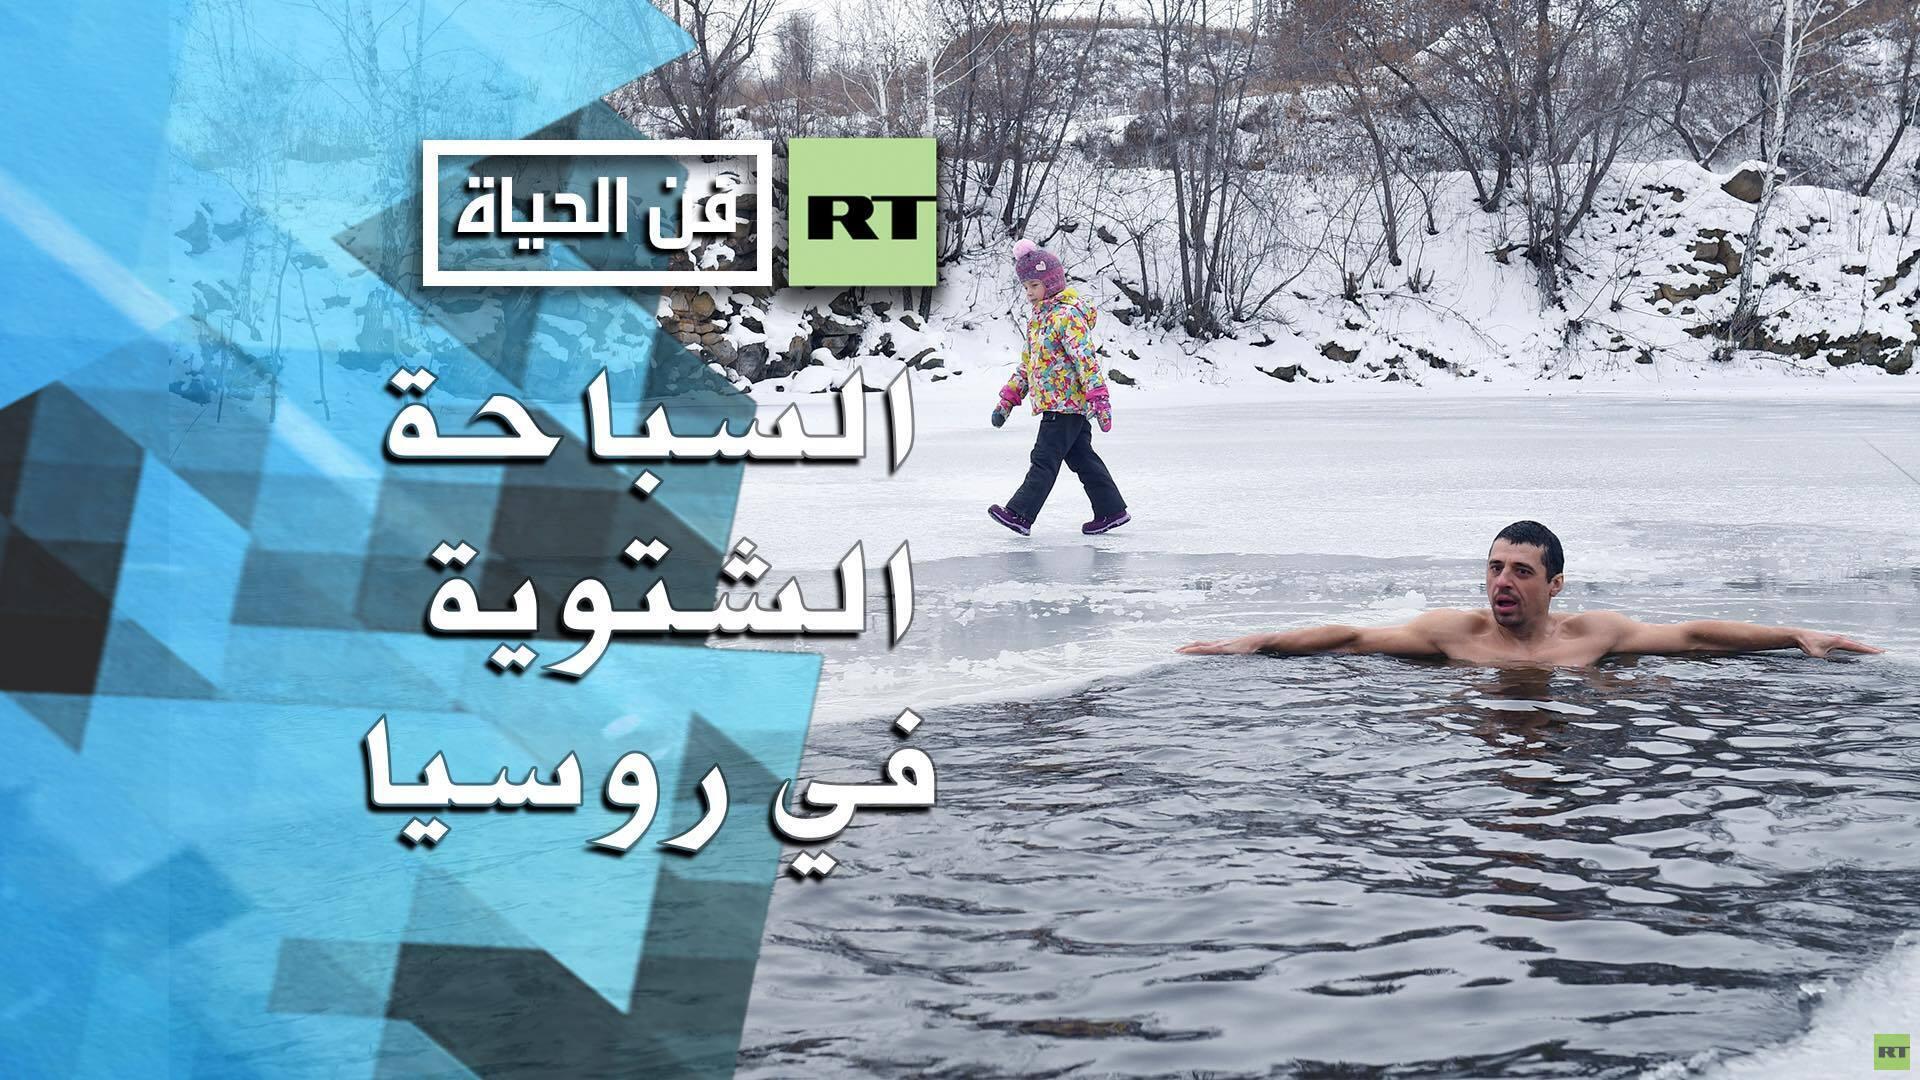 هواة السباحة الشتوية في روسيا